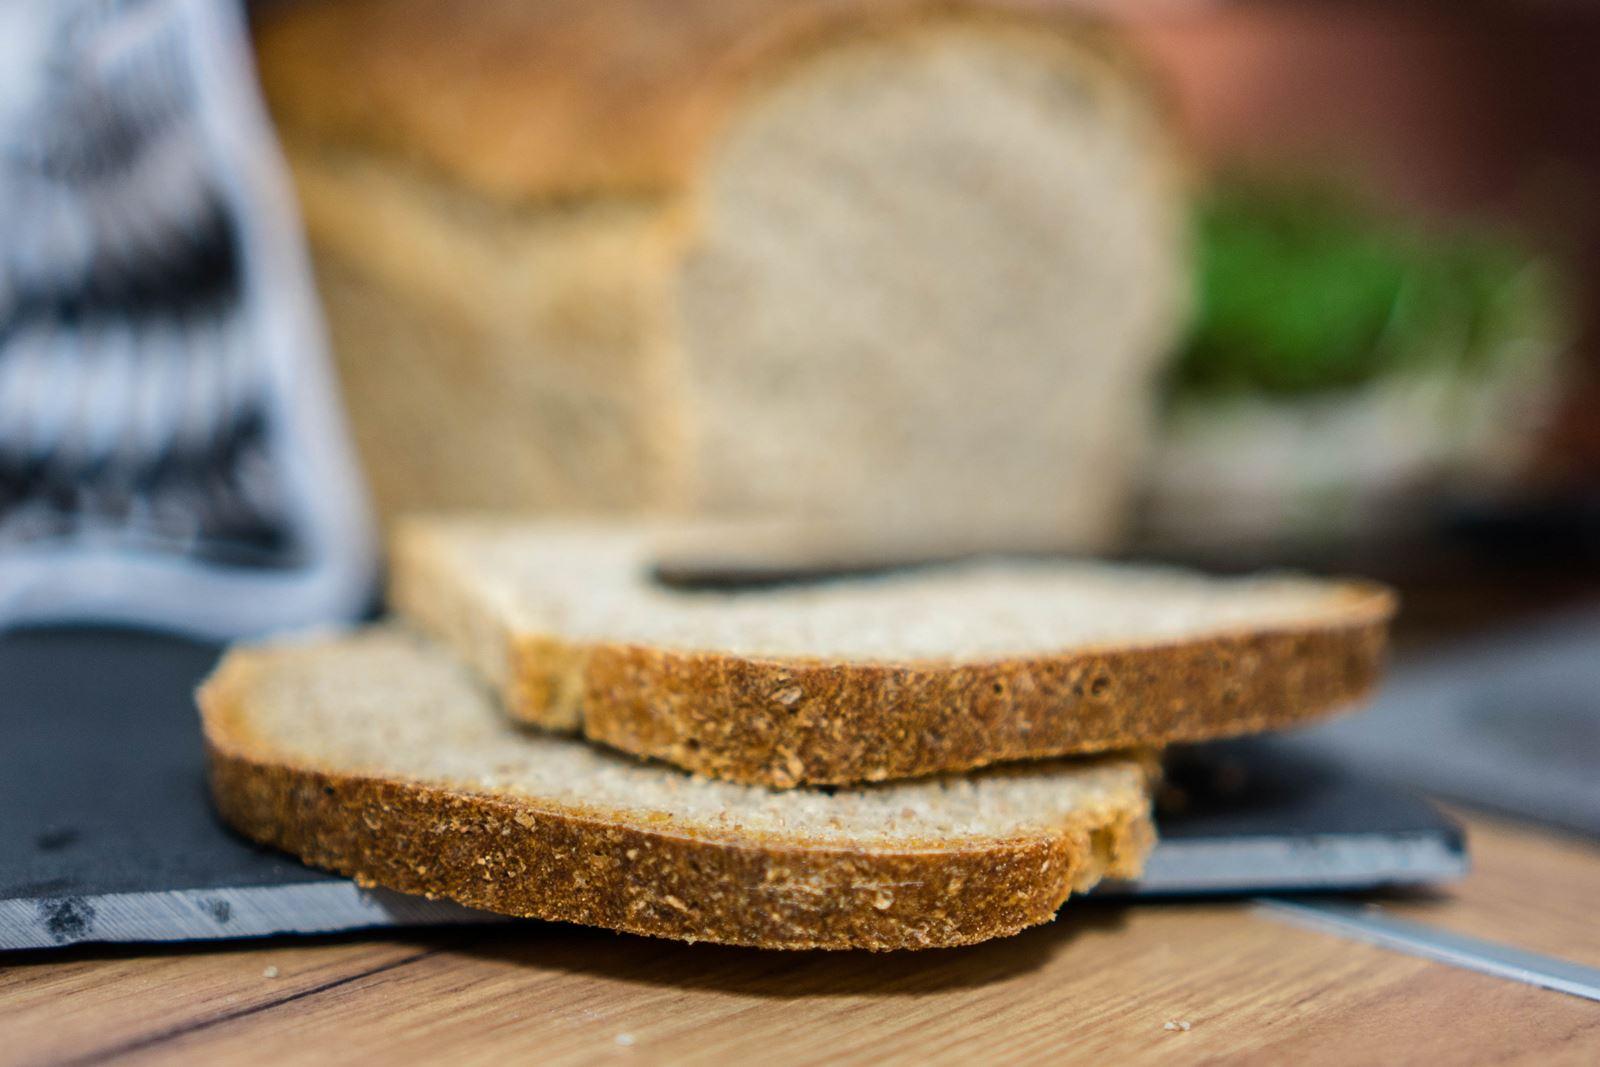 jak upiec chleb jak zrobić samemu chleb na zakwasie bez zakwasu z drożdżami gotowa mieszanka orkiszowy żyni pszenny